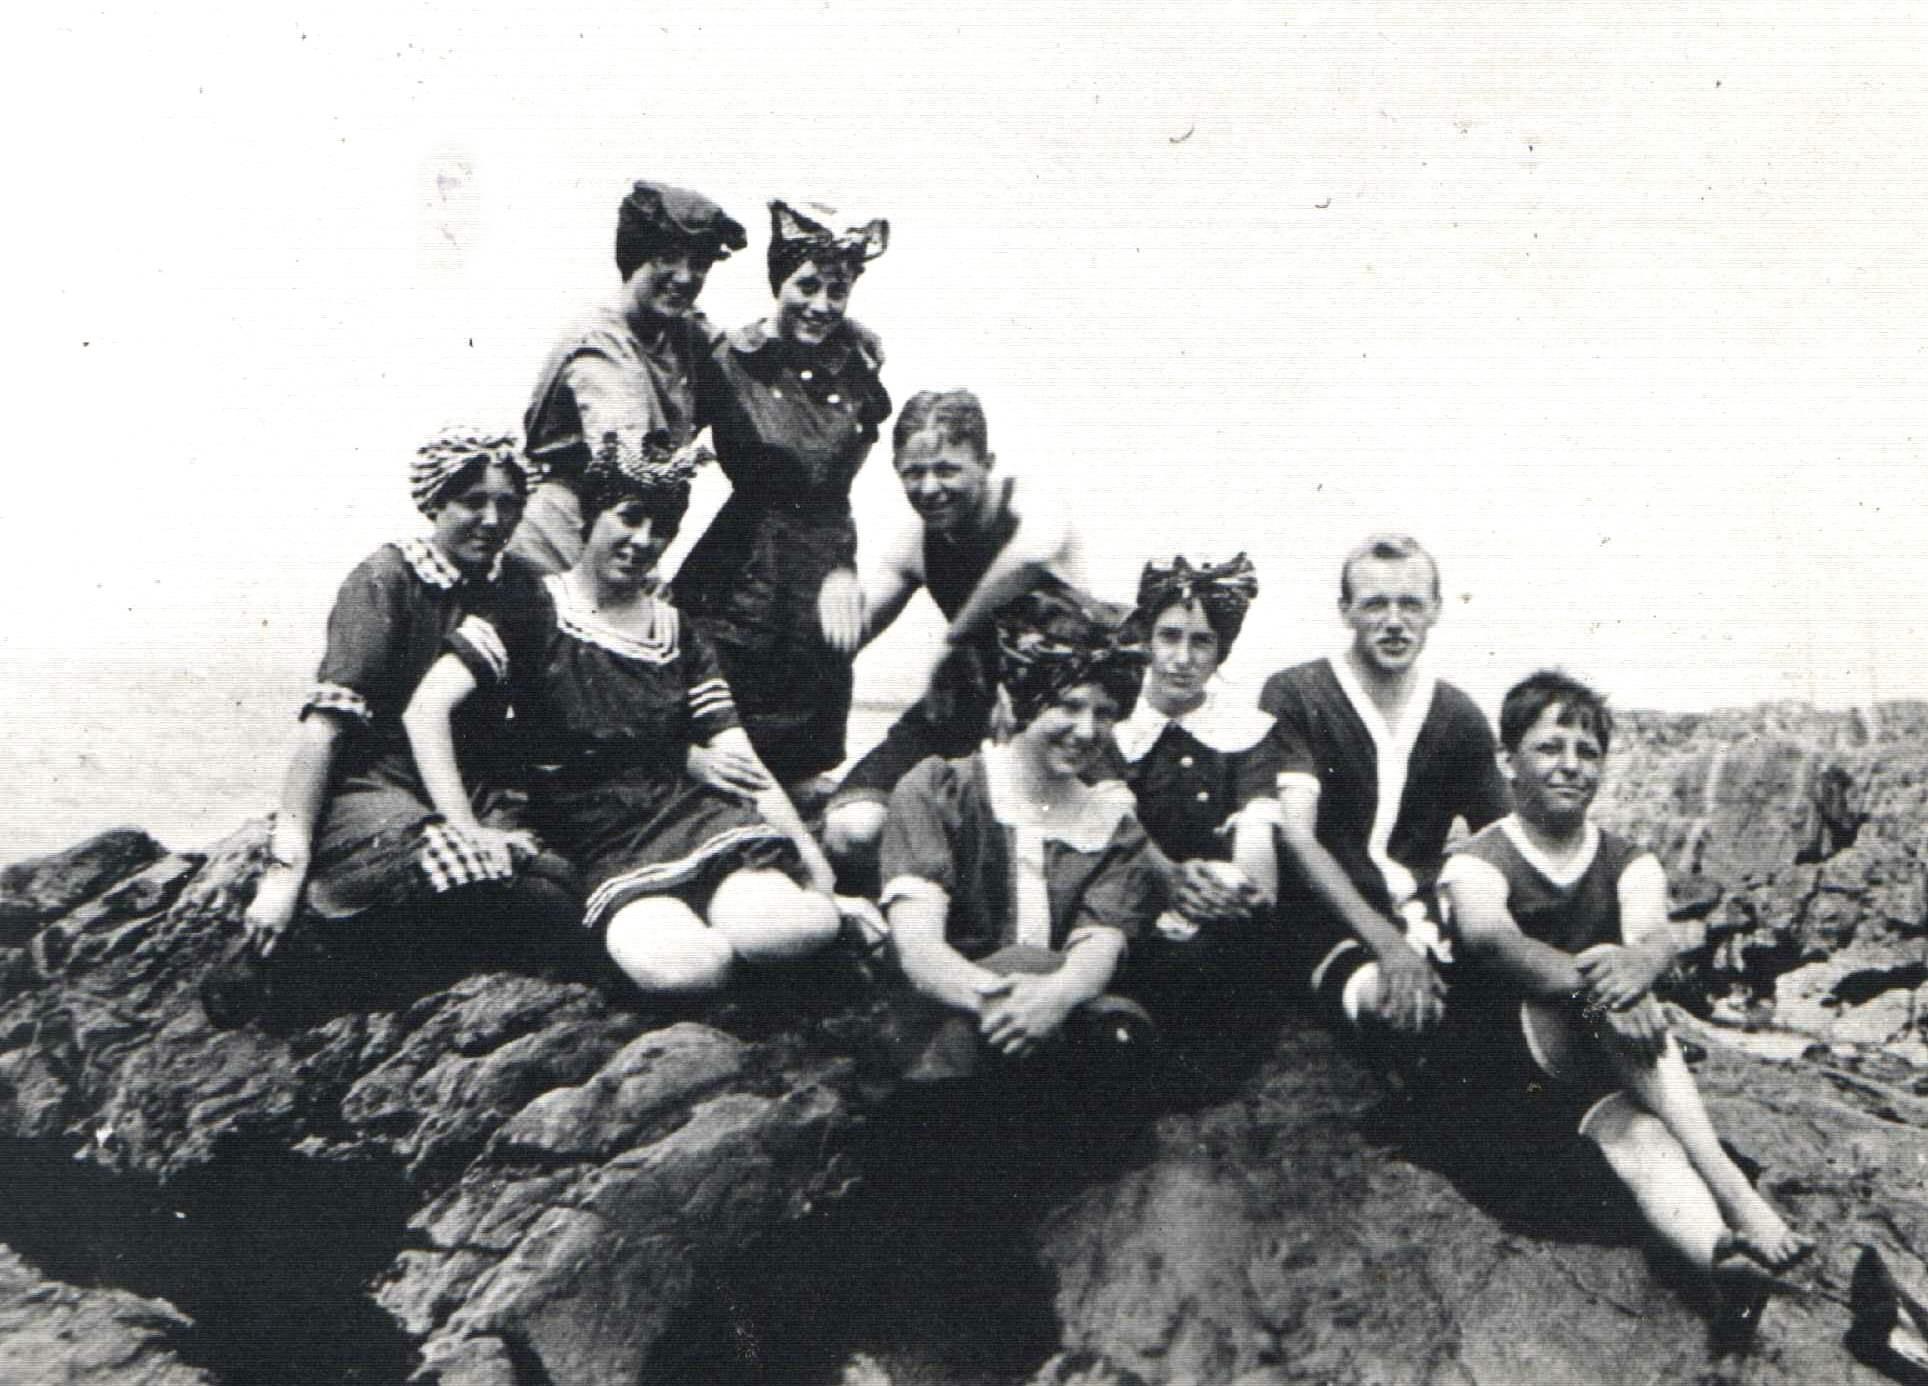 Neuf jeunes personnes posent sur un rocher au bord du fleuve, vêtus de maillots de bains du début du vingtième siècle.